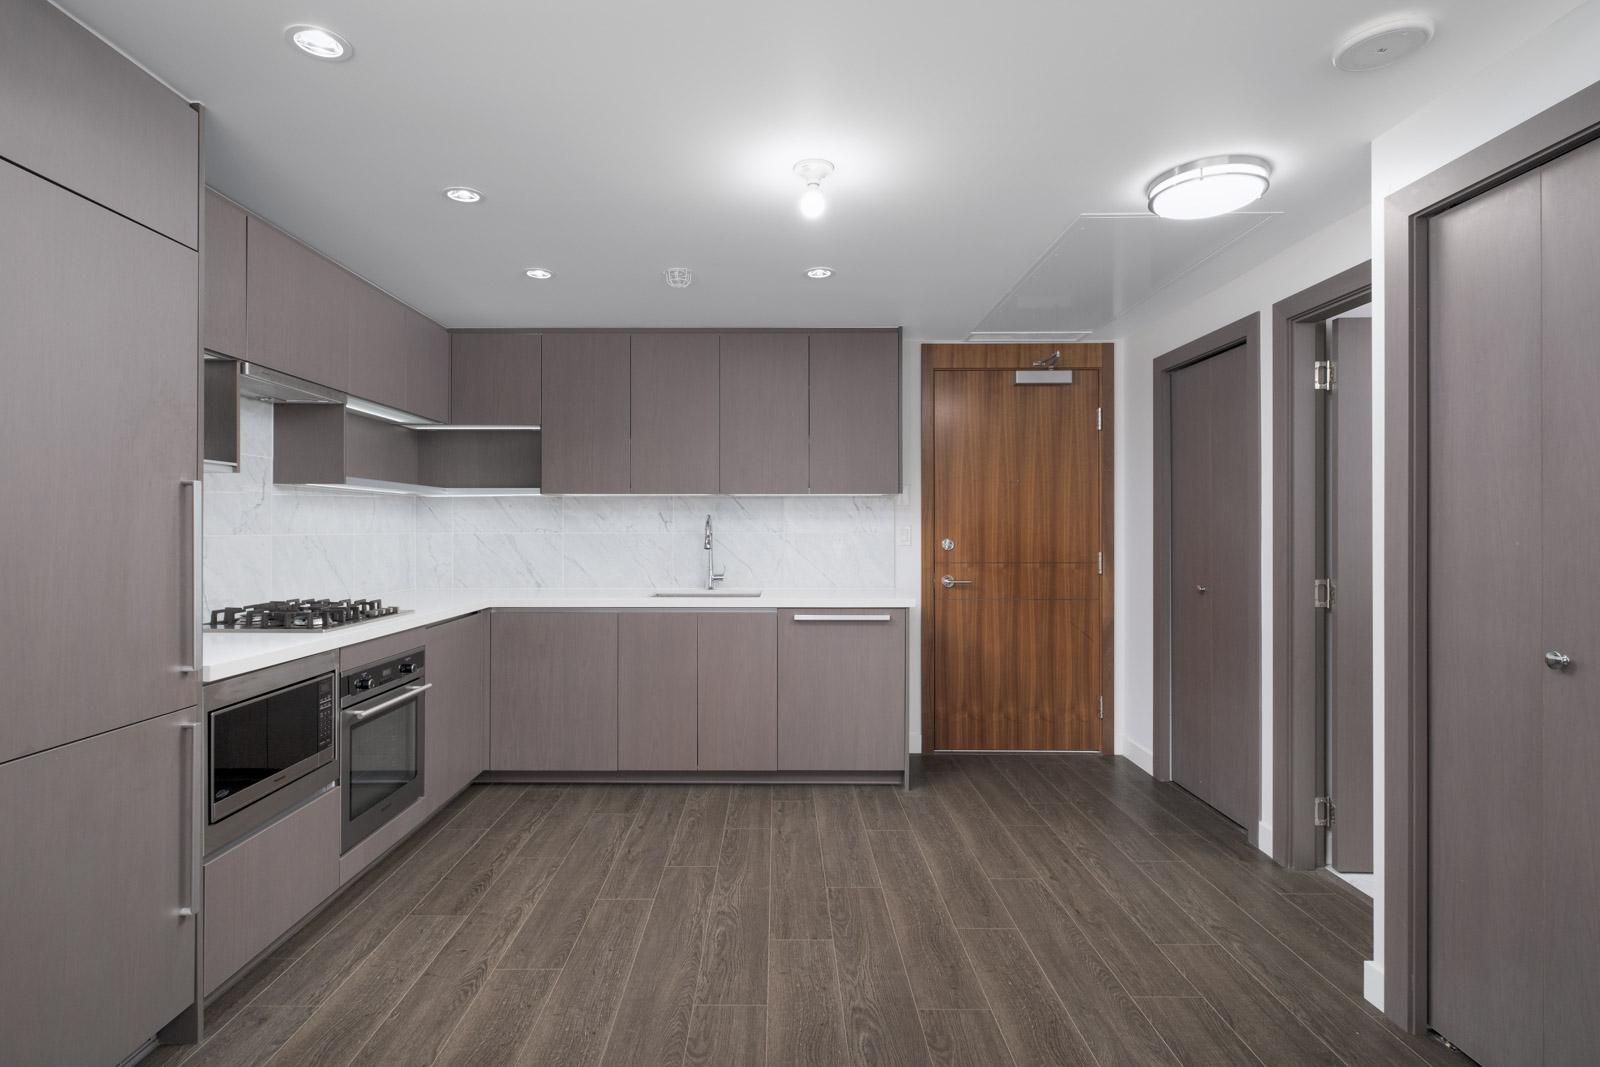 kitchen in rental condo at met2 in metrotown neighborhood in Burnaby